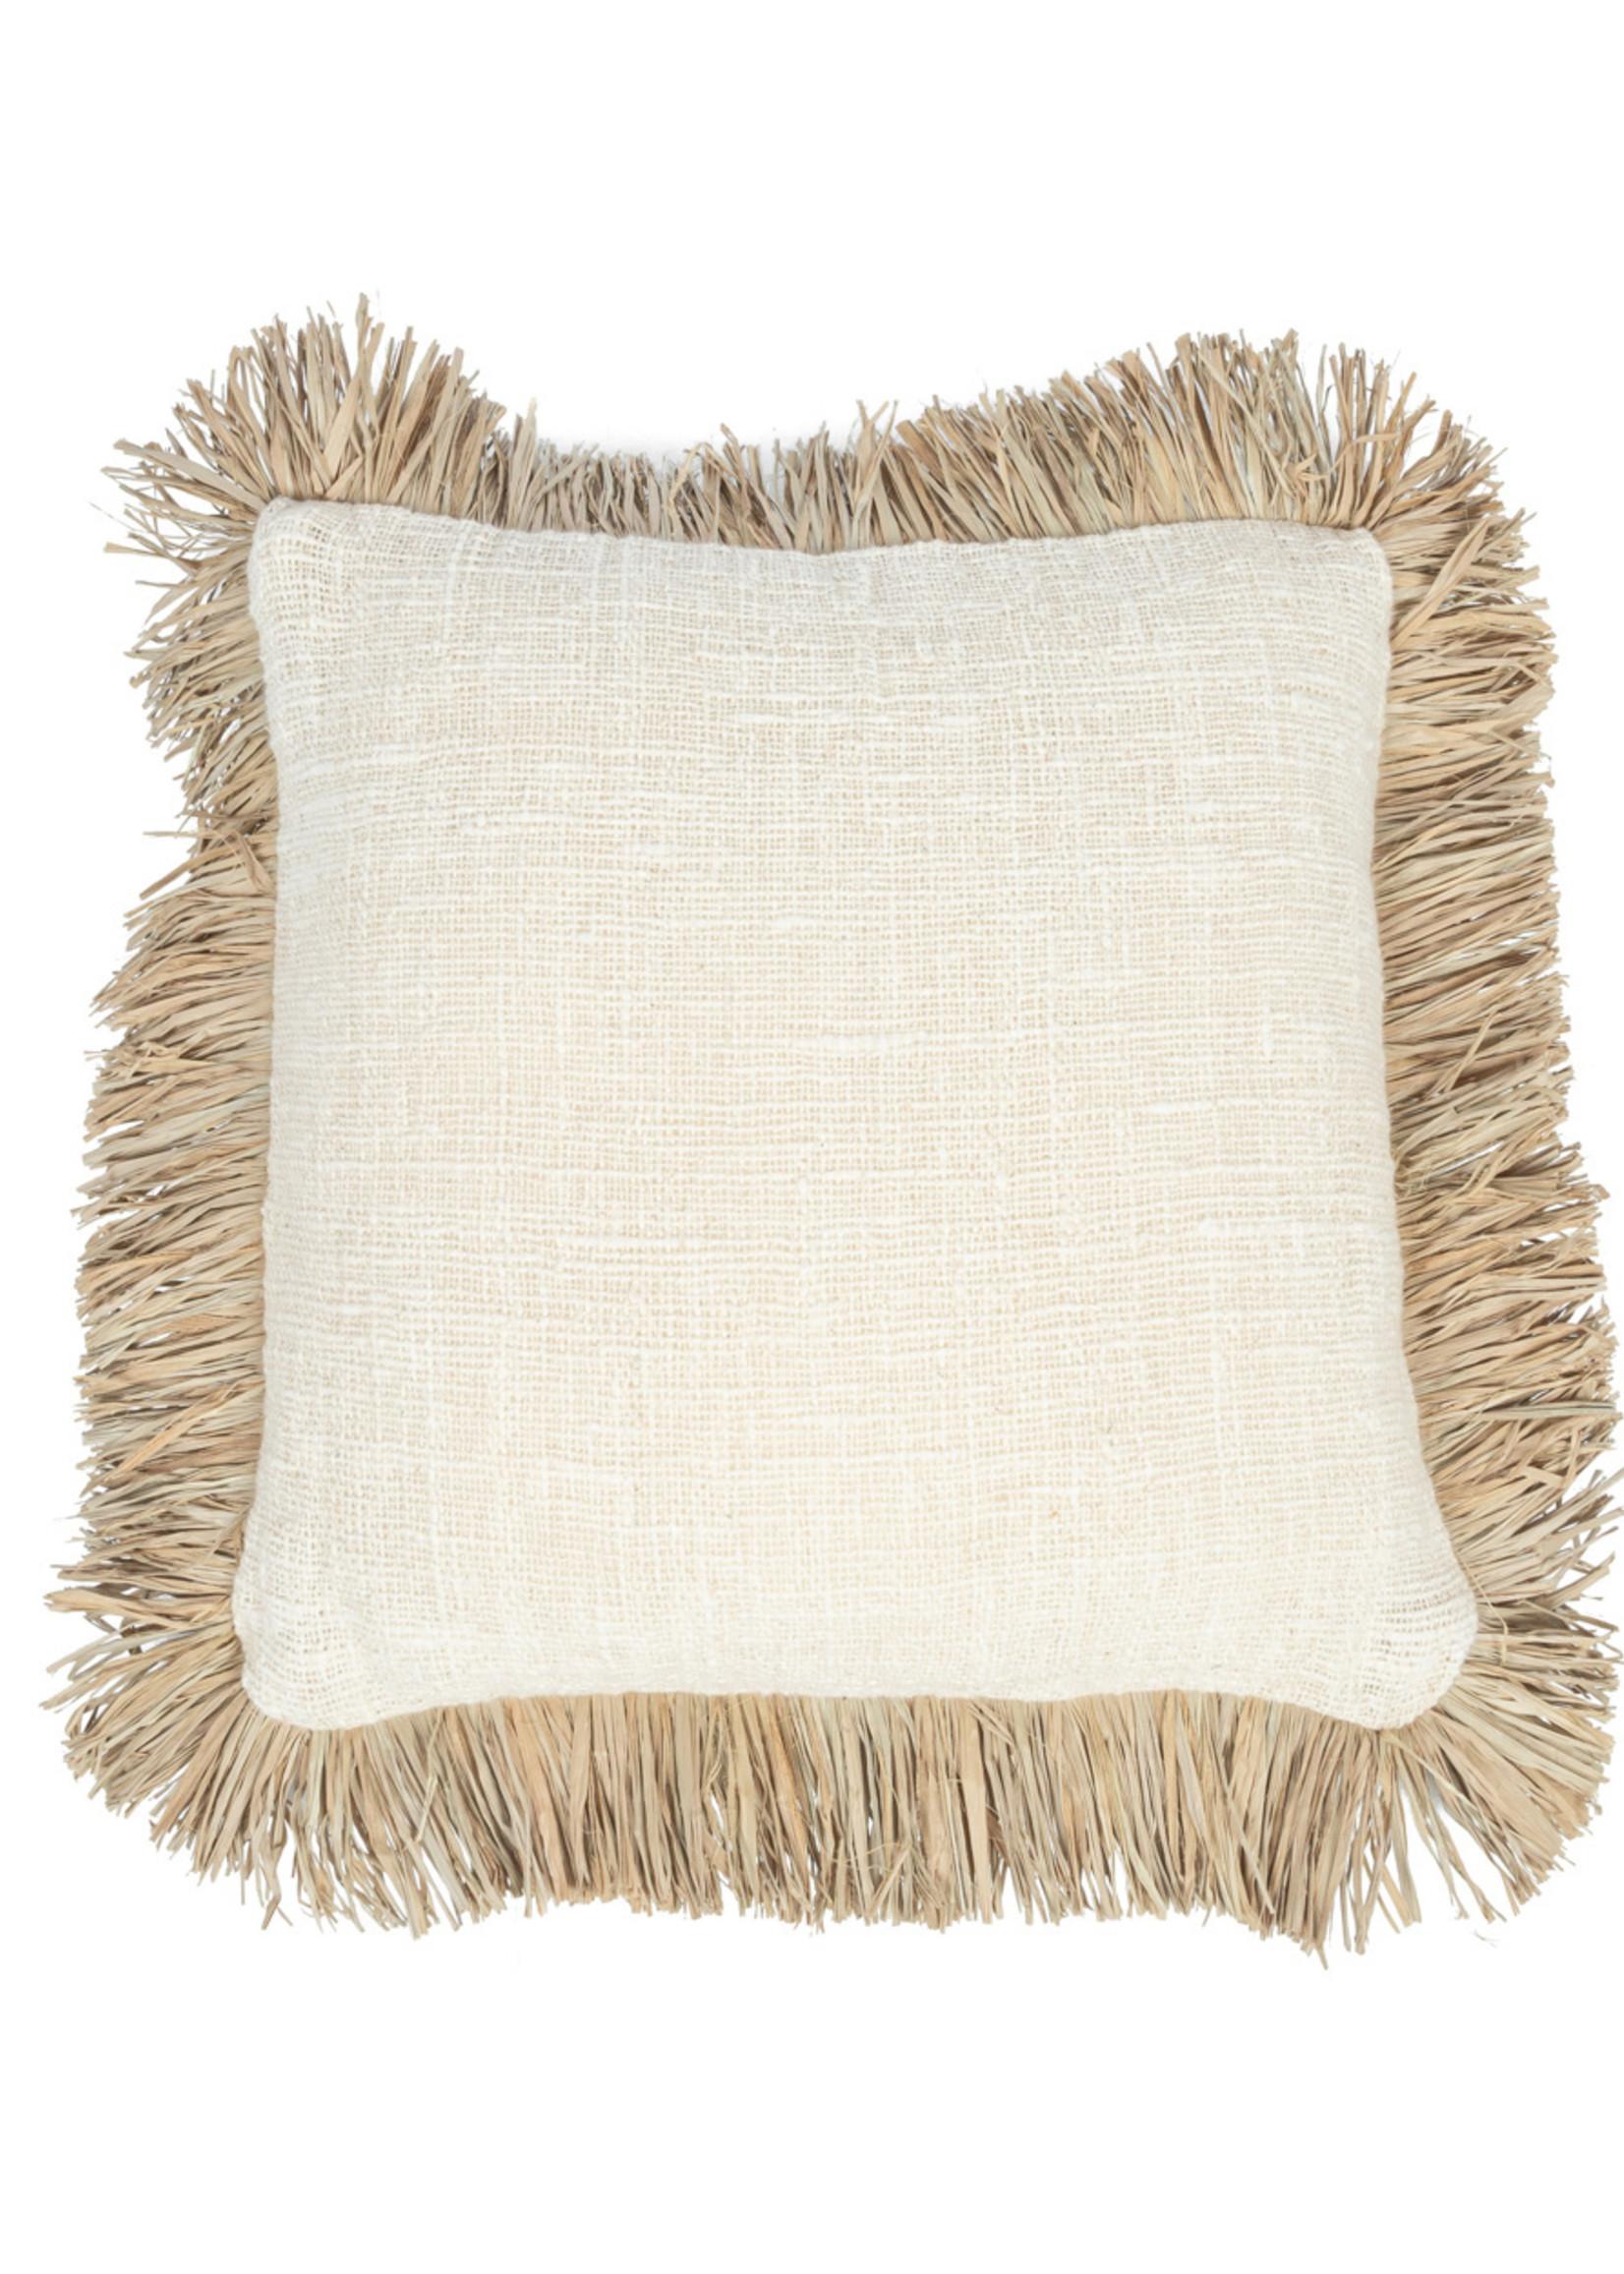 The Saint Tropez Cushion - Natural - M